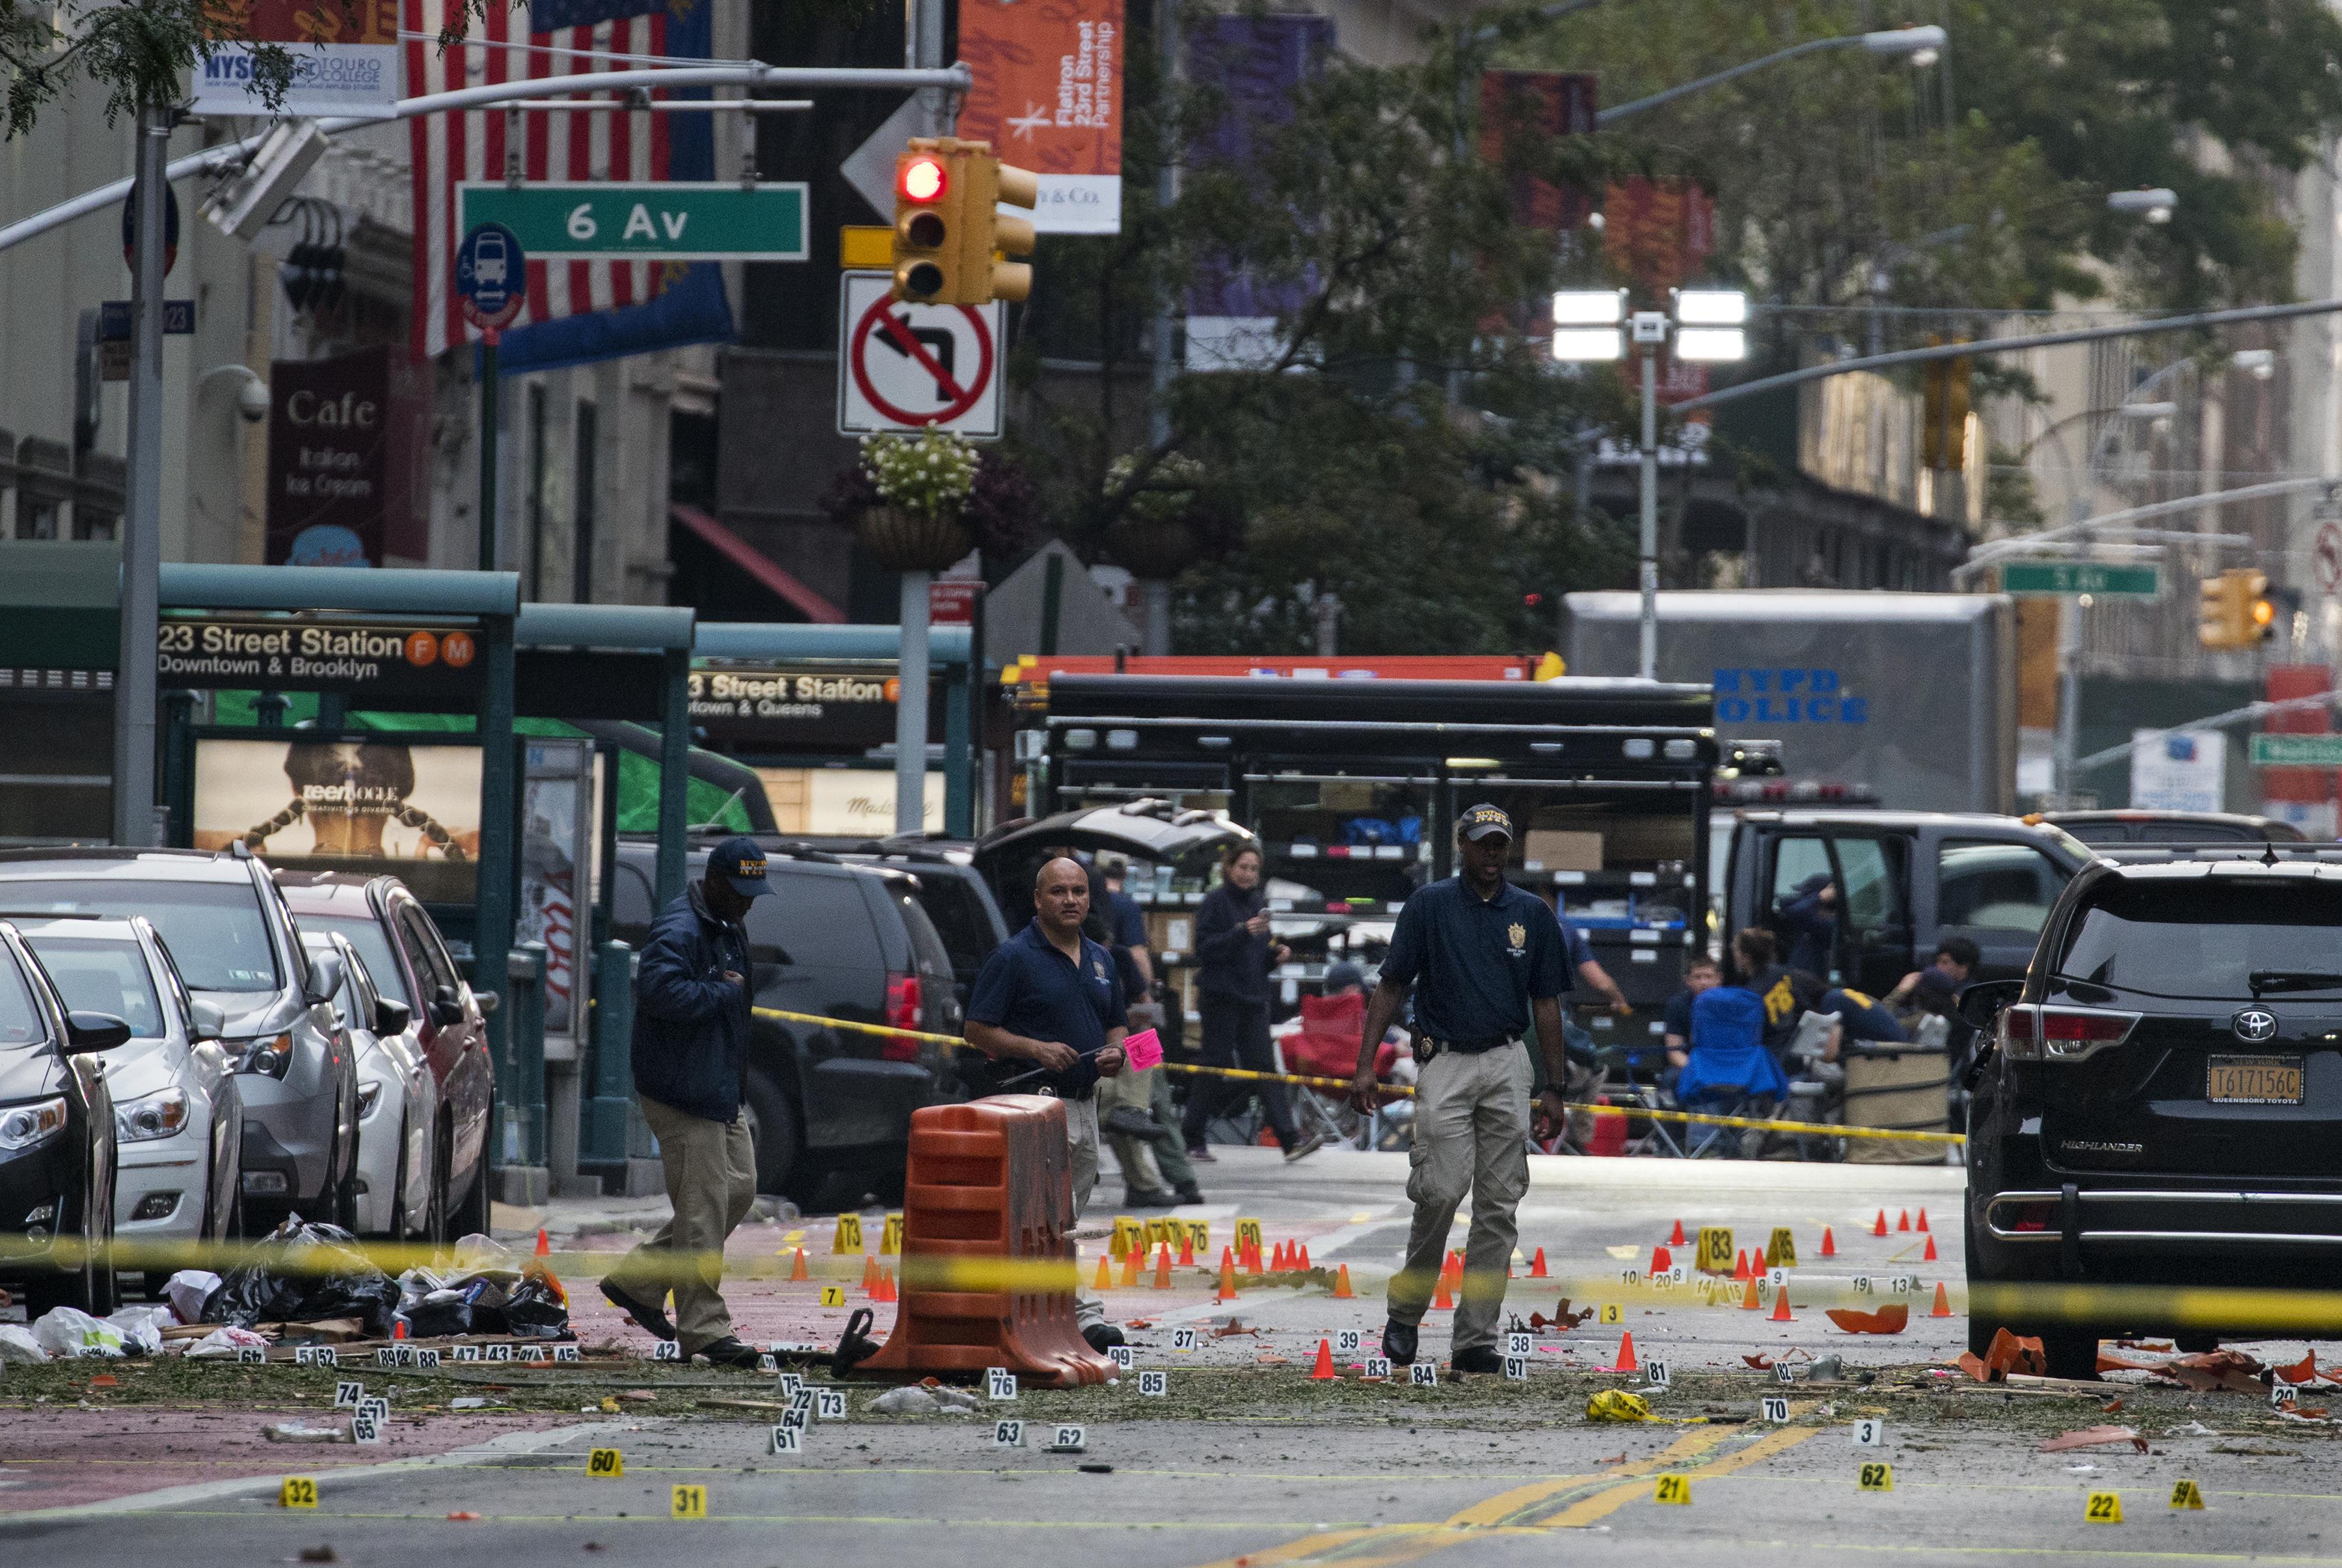 Explozie in Manhattan. Autoritatile au anuntat ca este vorba despre